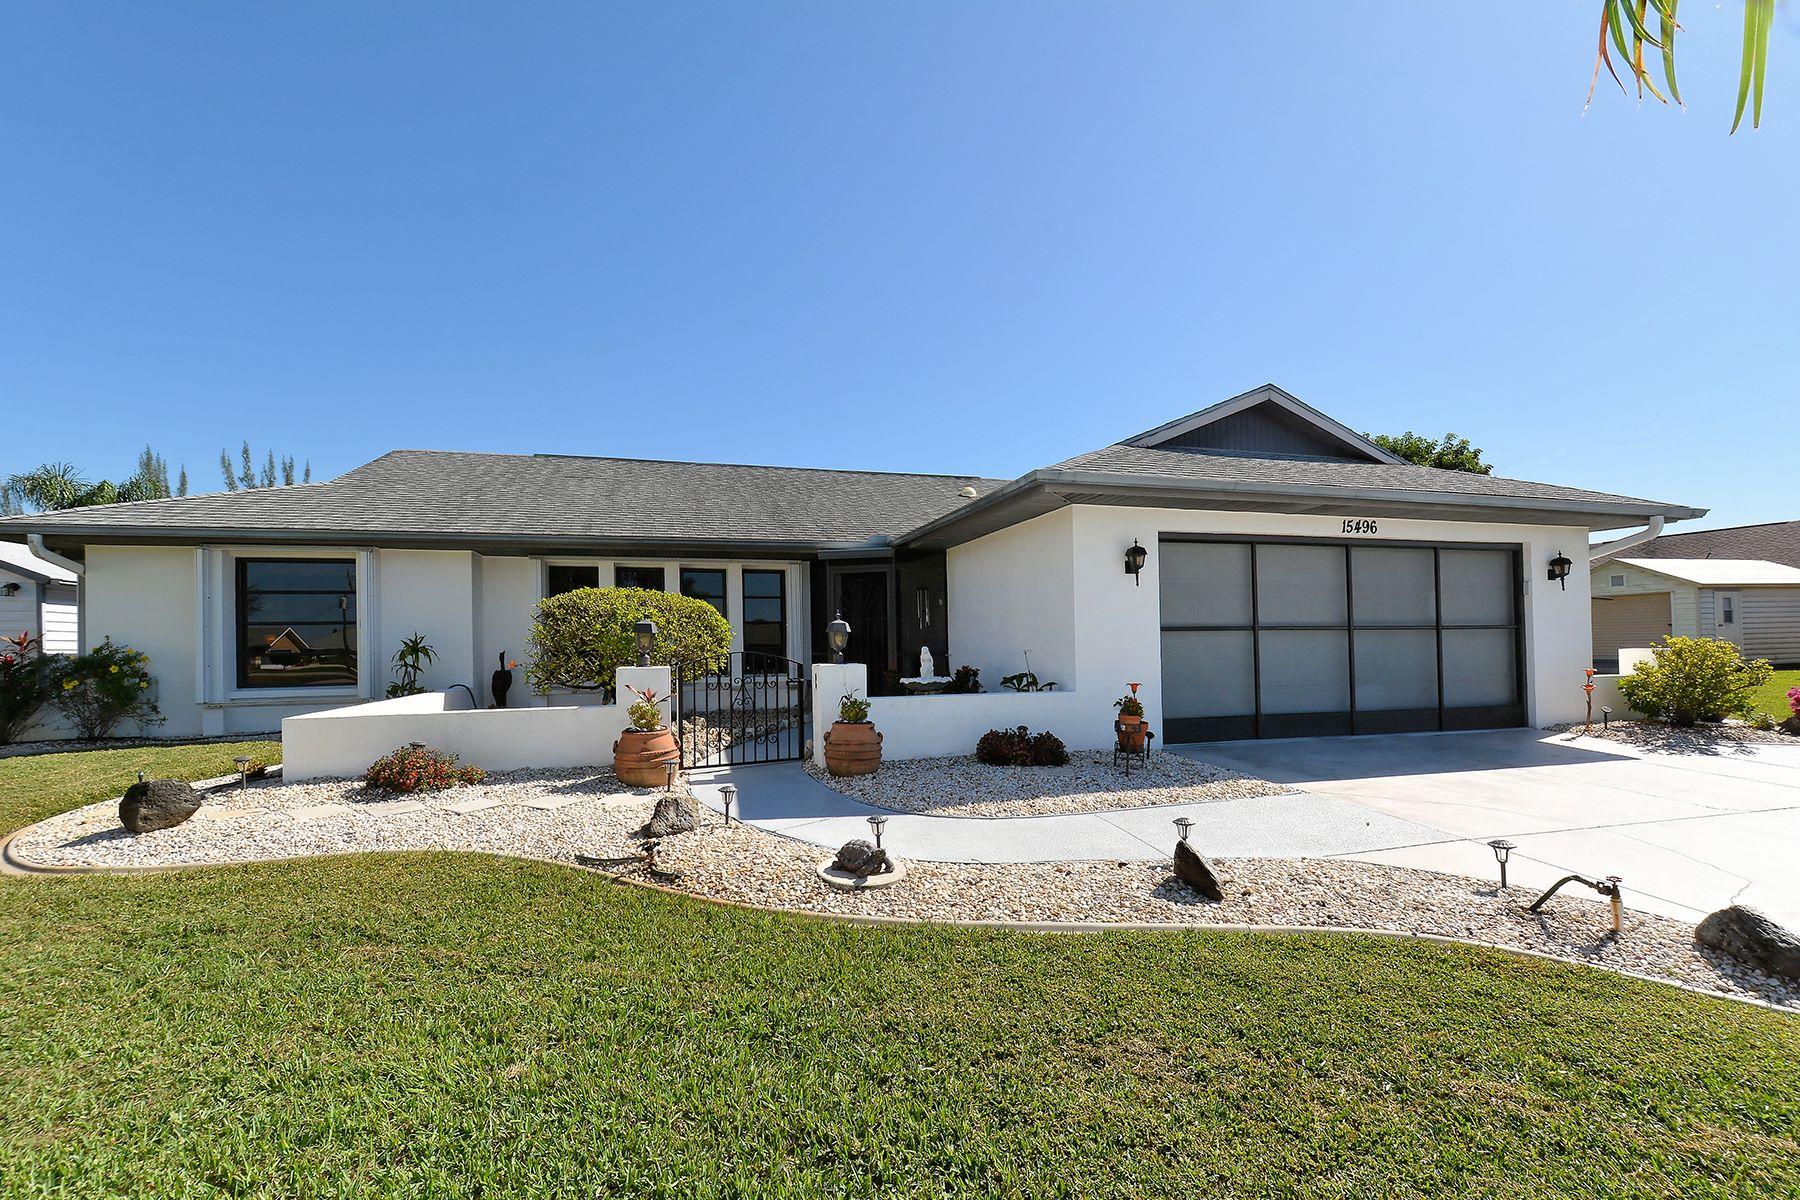 一戸建て のために 売買 アット SOUTH GULF COVE 15496 Avery Rd Port Charlotte, フロリダ, 33981 アメリカ合衆国